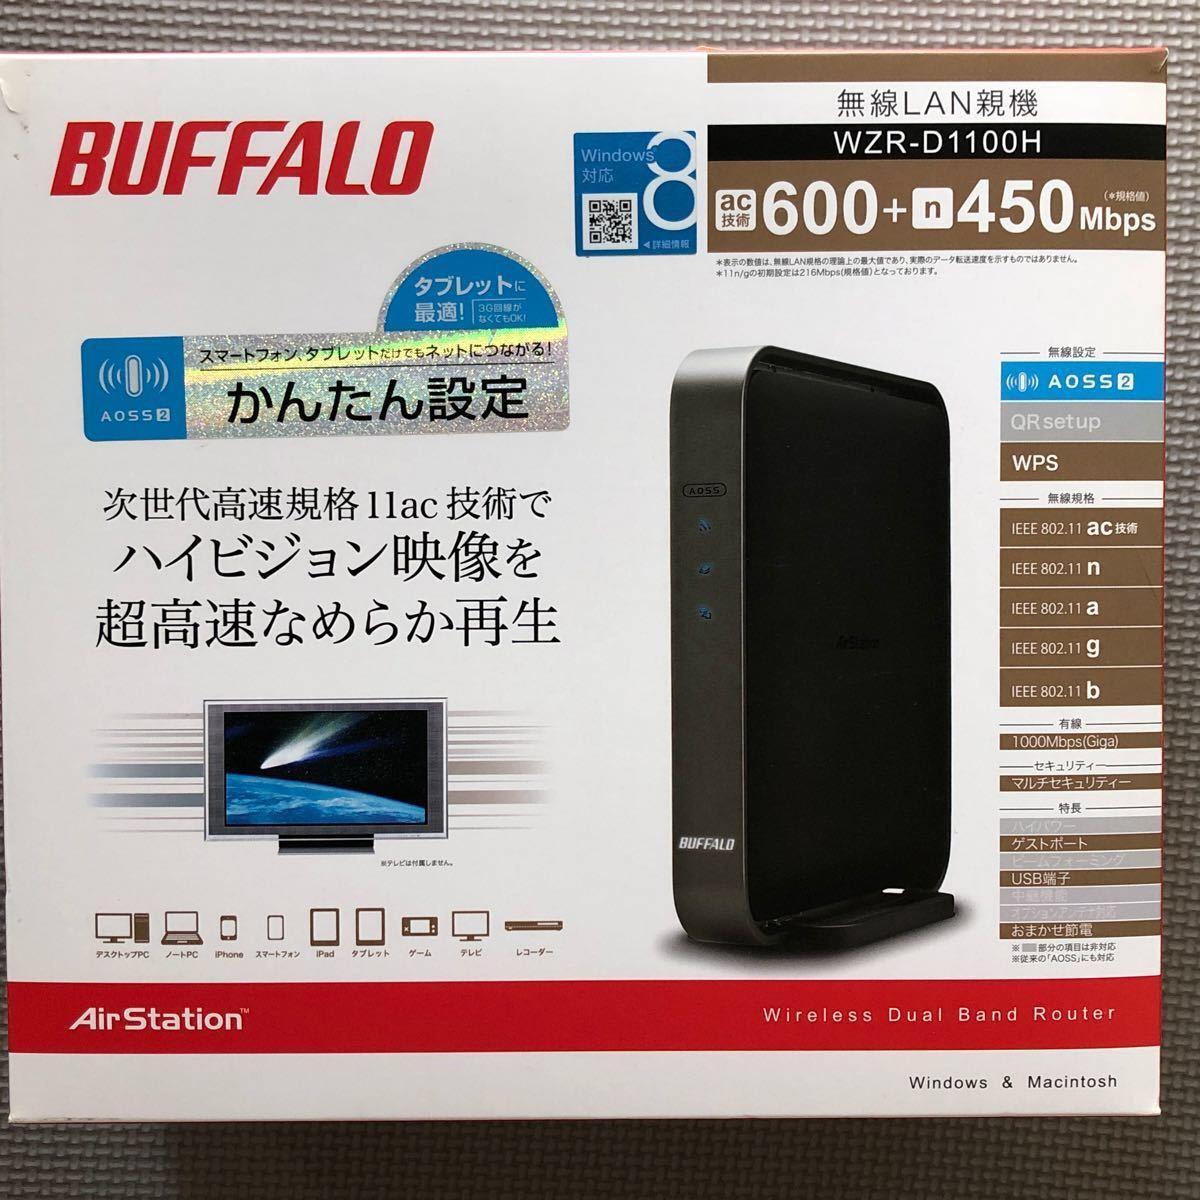 BUFFALO 無線LAN親機 WZR-1100H 無線LANルーター Wi-Fi バッファロー Wi-Fiルーター